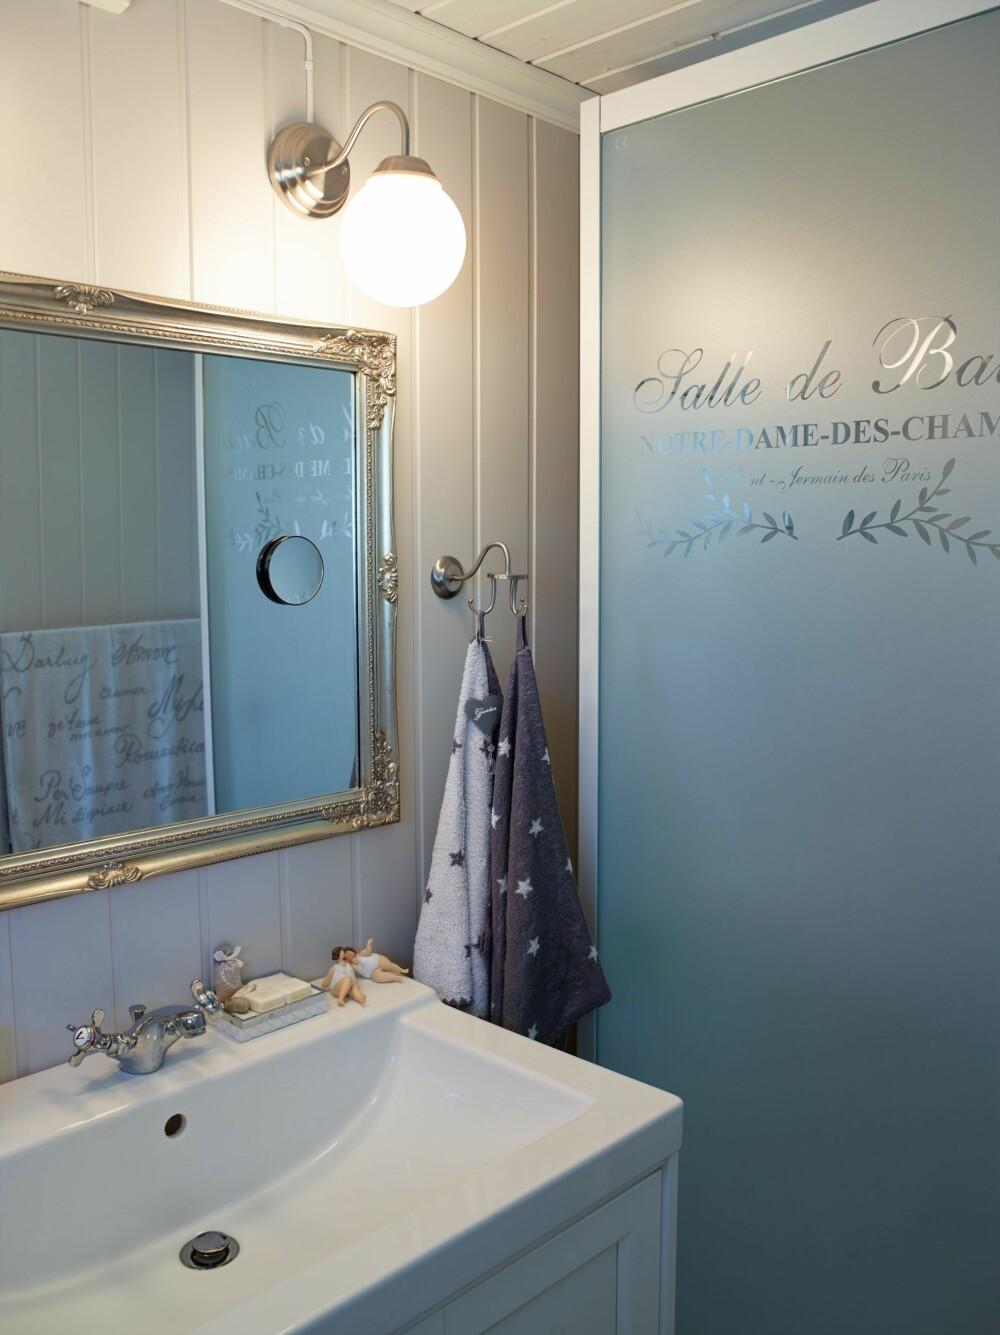 KREATIV DUSJVEGG: Wibekke jobber med folie og trykk, og har selv designet mønsteret som er lagt på dusjveggen.